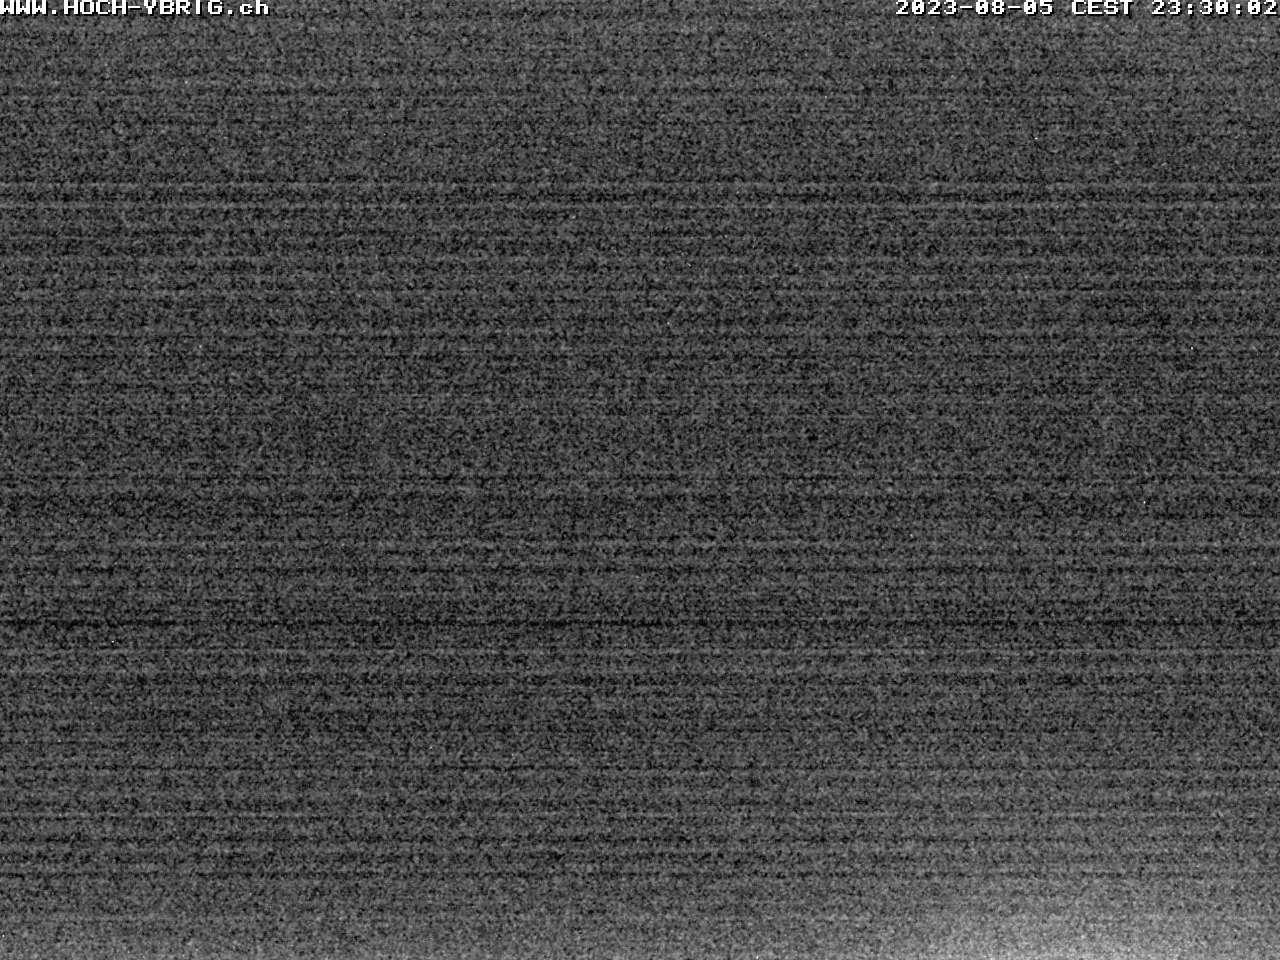 Webcam Hoch-Ybrig